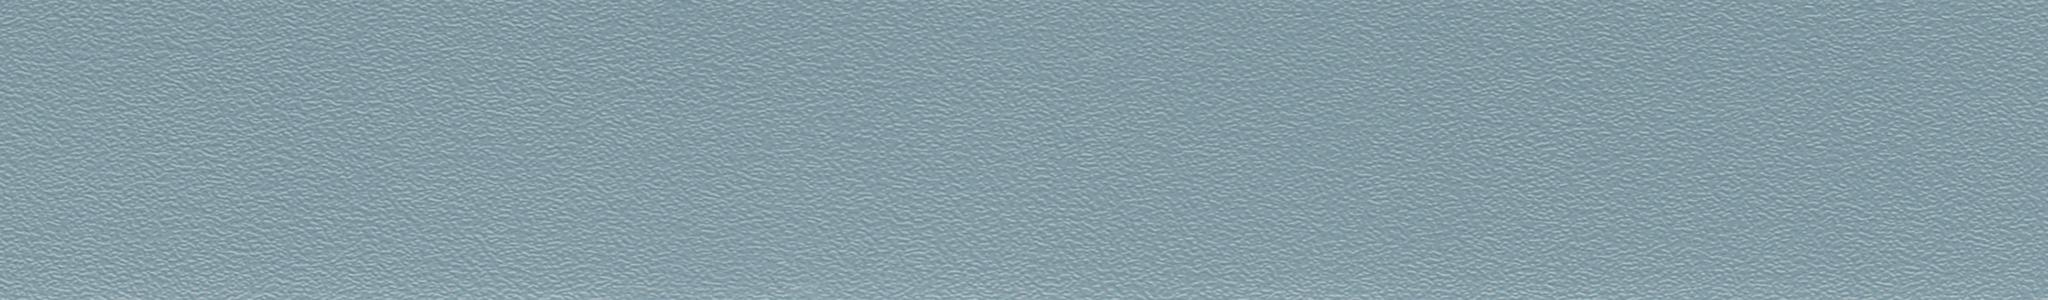 HU 17780 ABS hrana šedá perla XG